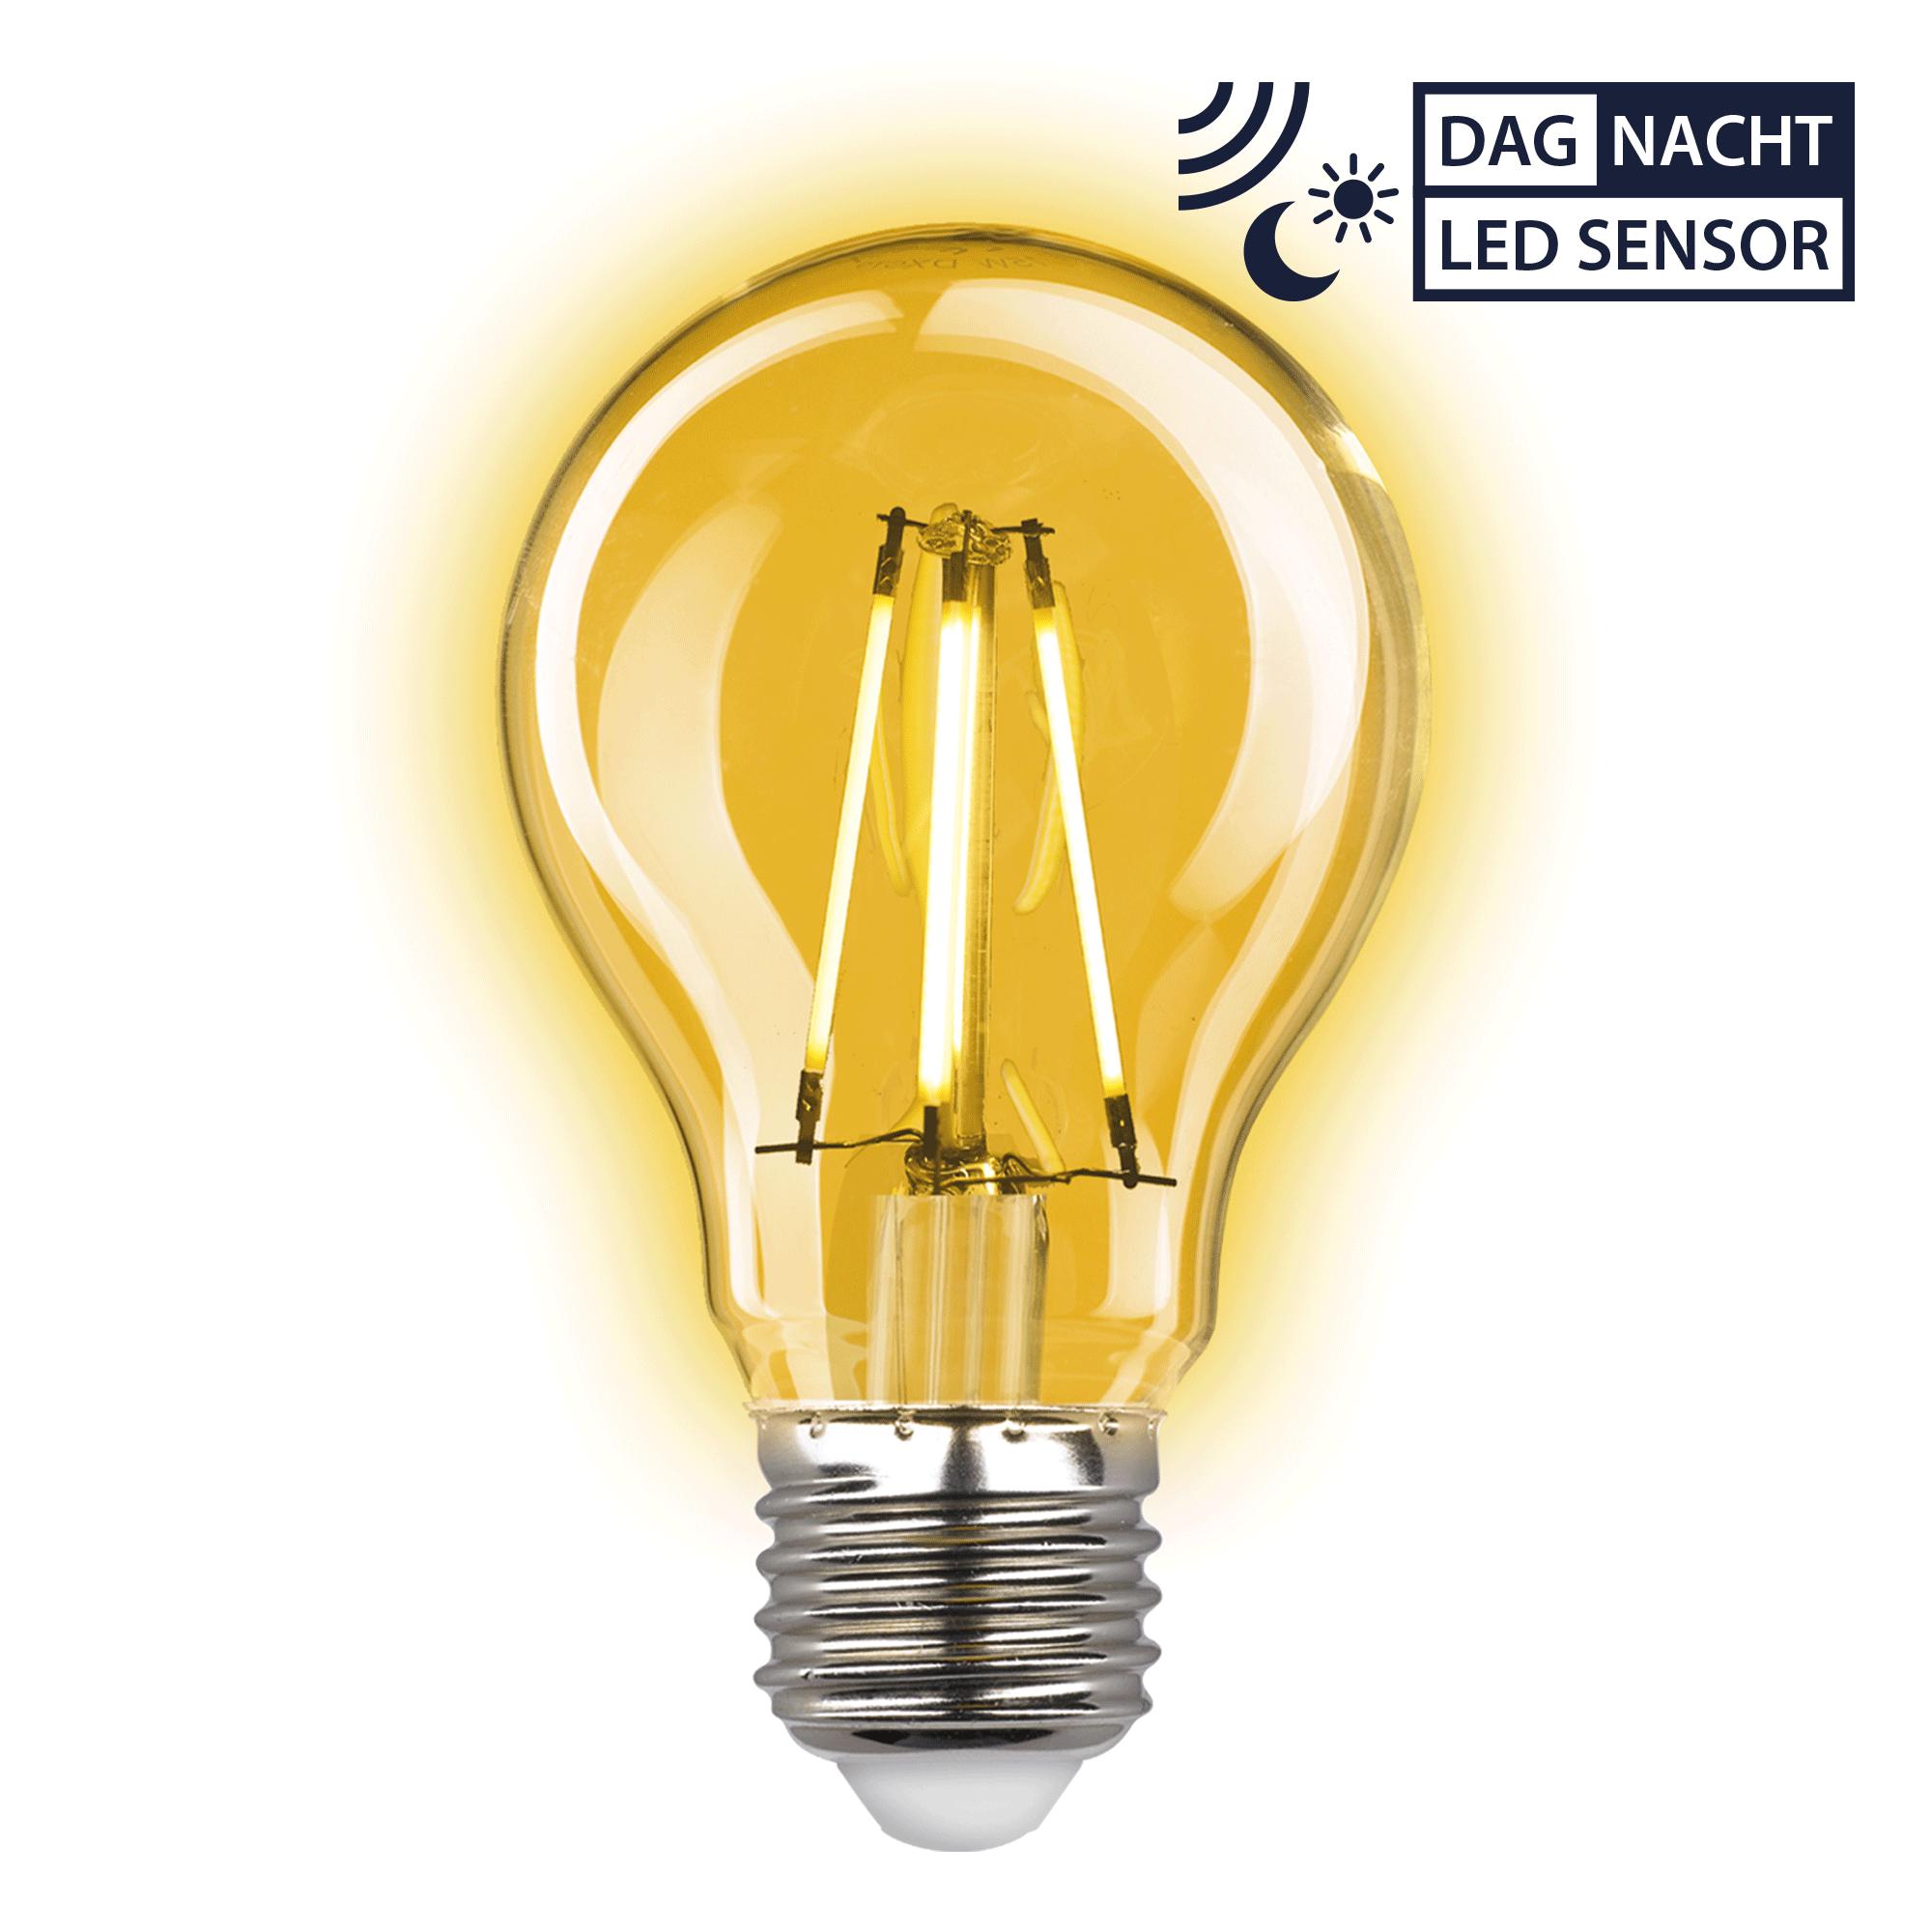 Dag / Nacht Sensor Led lichtbron